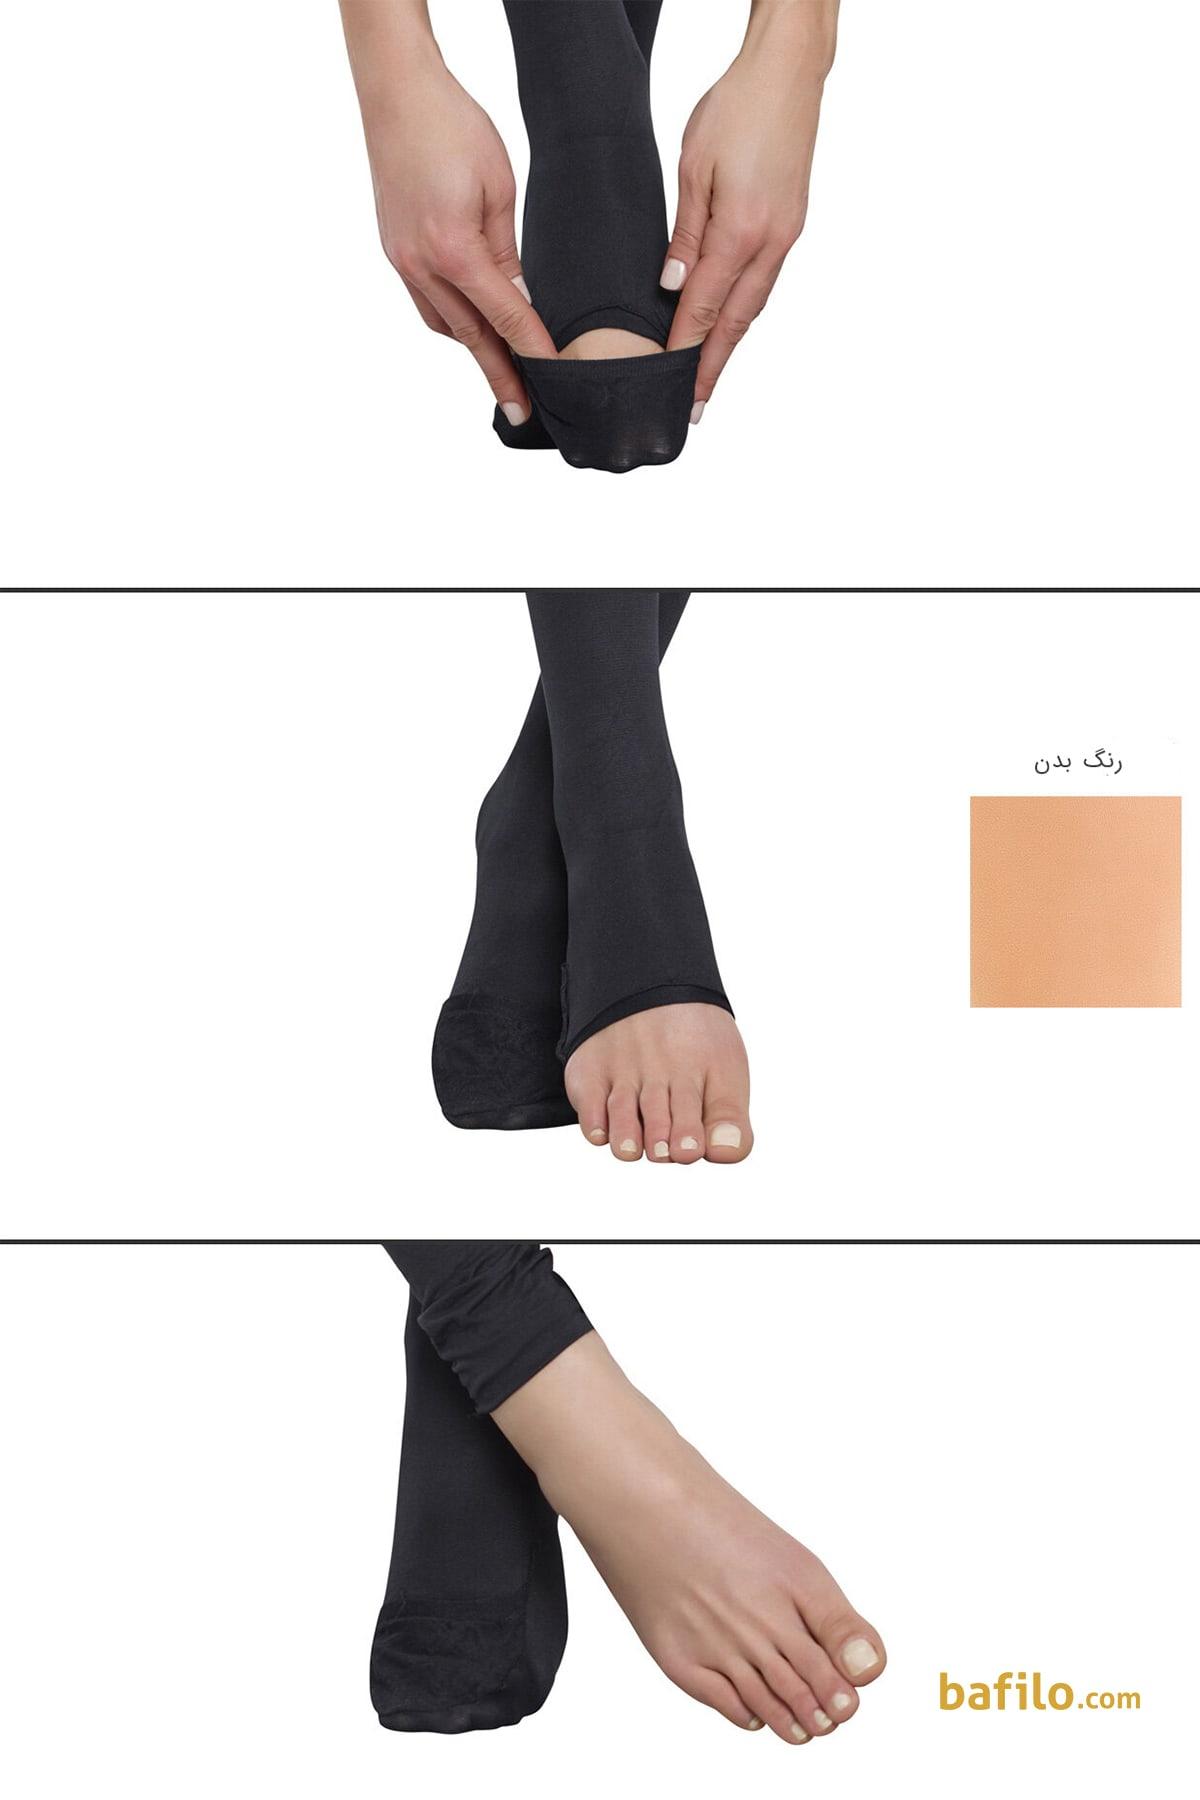 جوراب شلواری وضو زنانه پنتی Pratik رنگ بدن